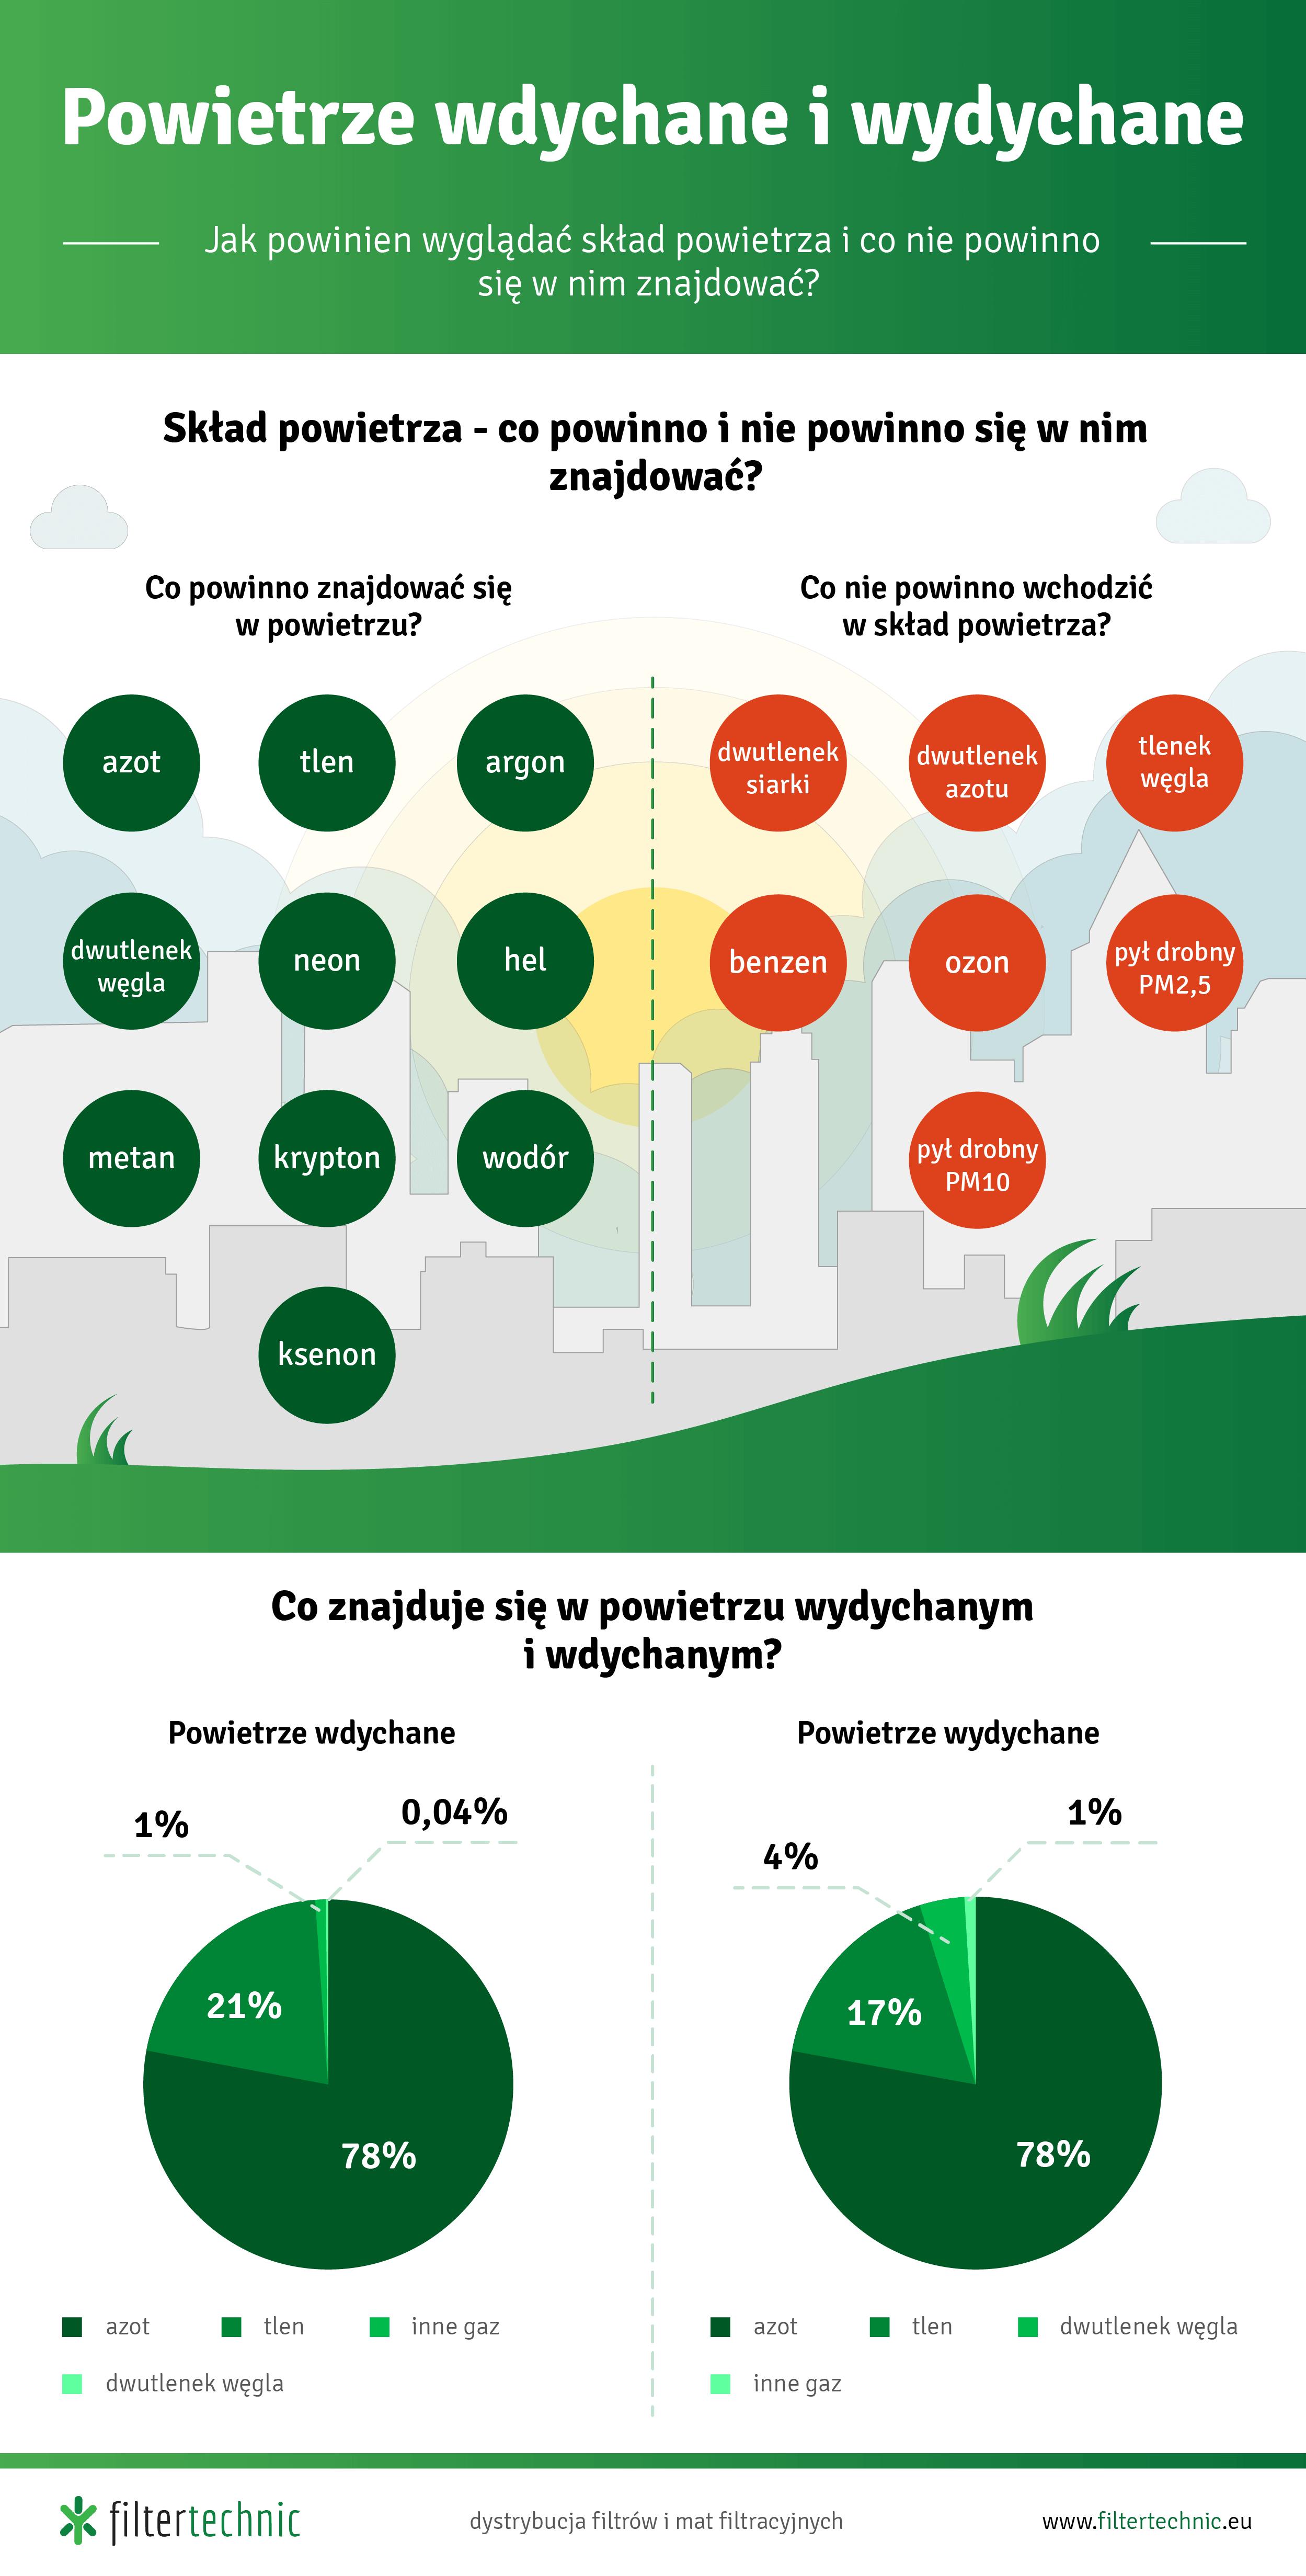 Powietrze wdychane i wydychane - infografika